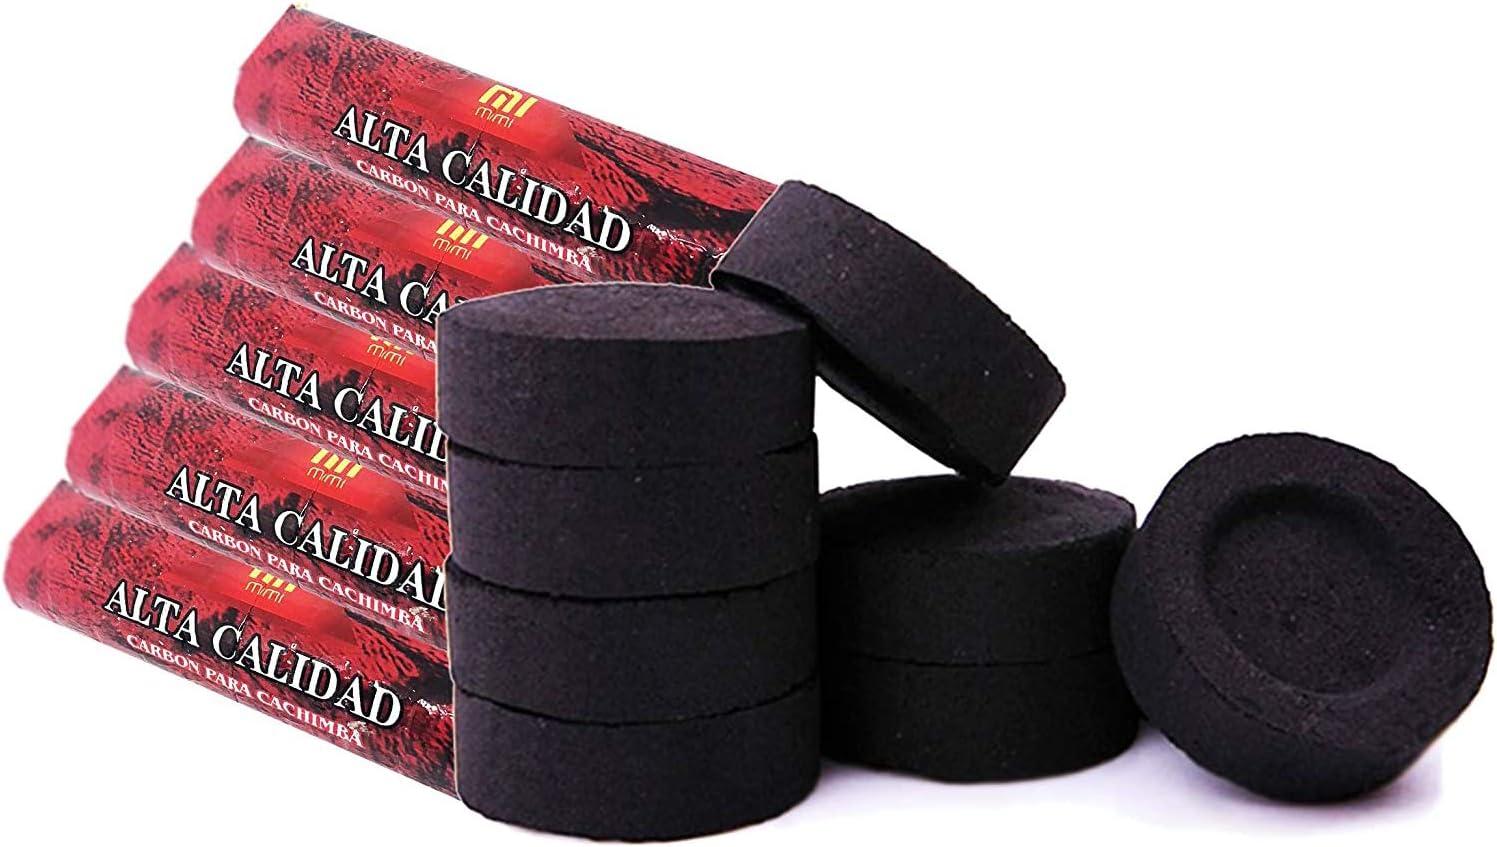 [Pack] 5 rollos de carbón para cachimba, shisha, hookah, narguile e incensario (50 pastillas)